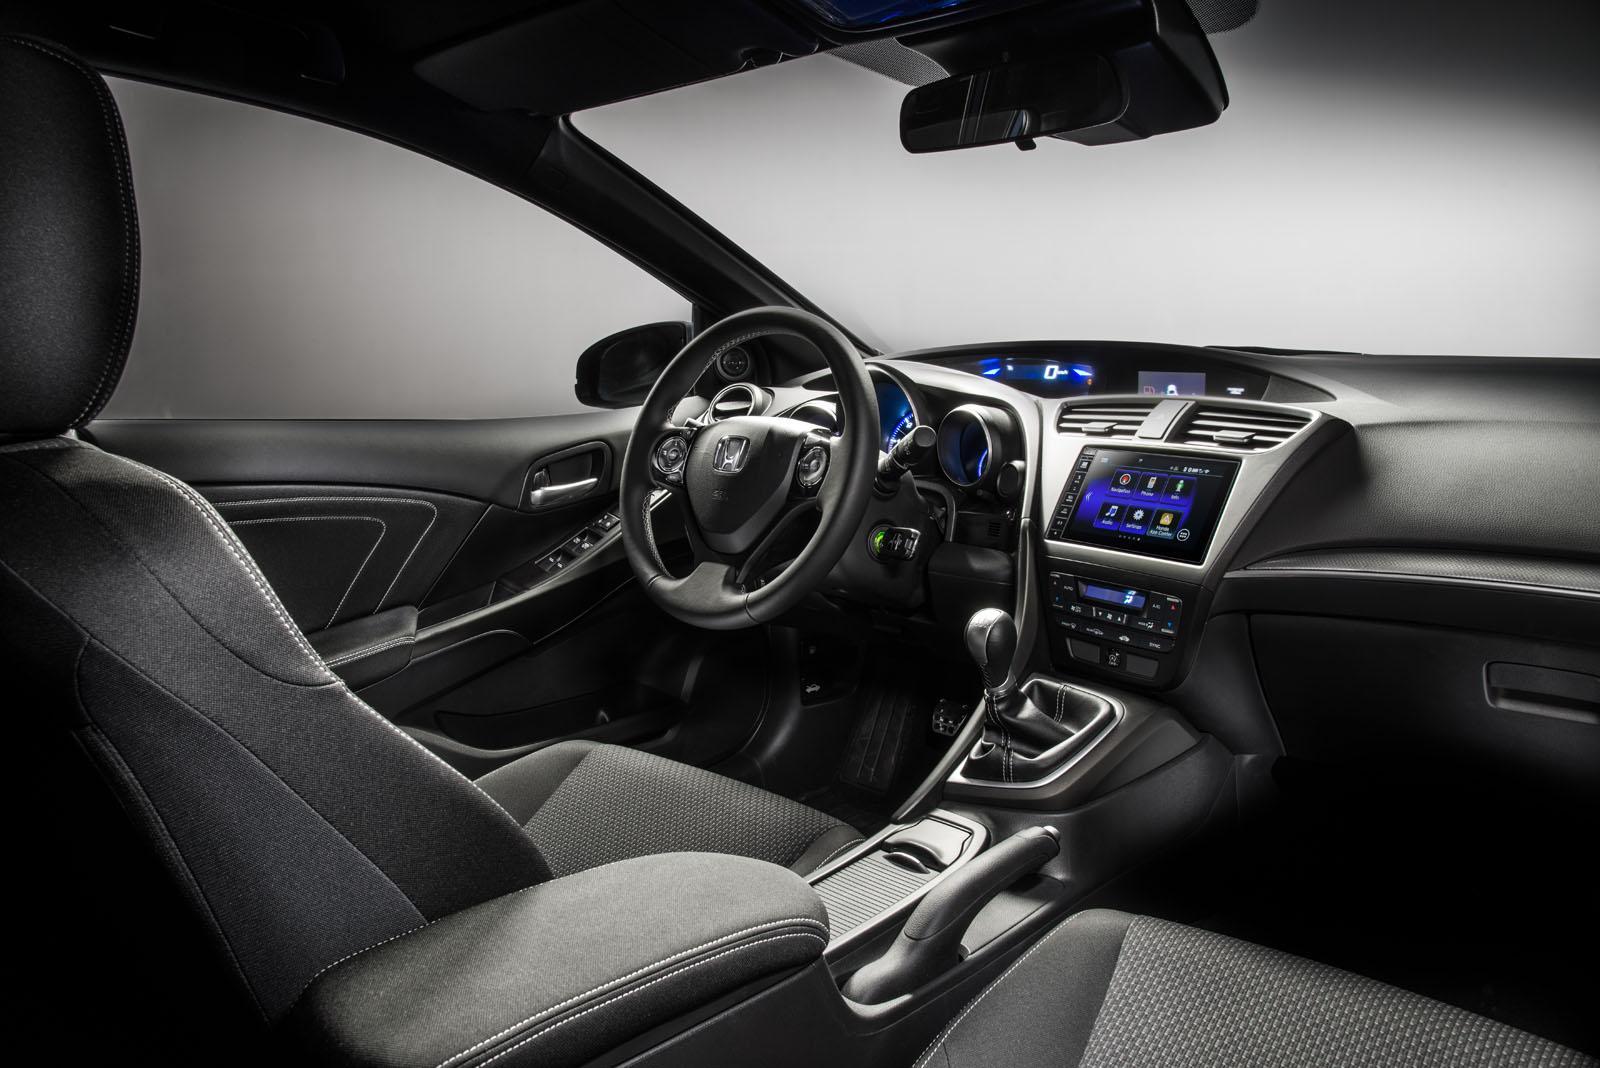 Updated 2015 Honda Civic Hatchback unveiled - ForceGT.com